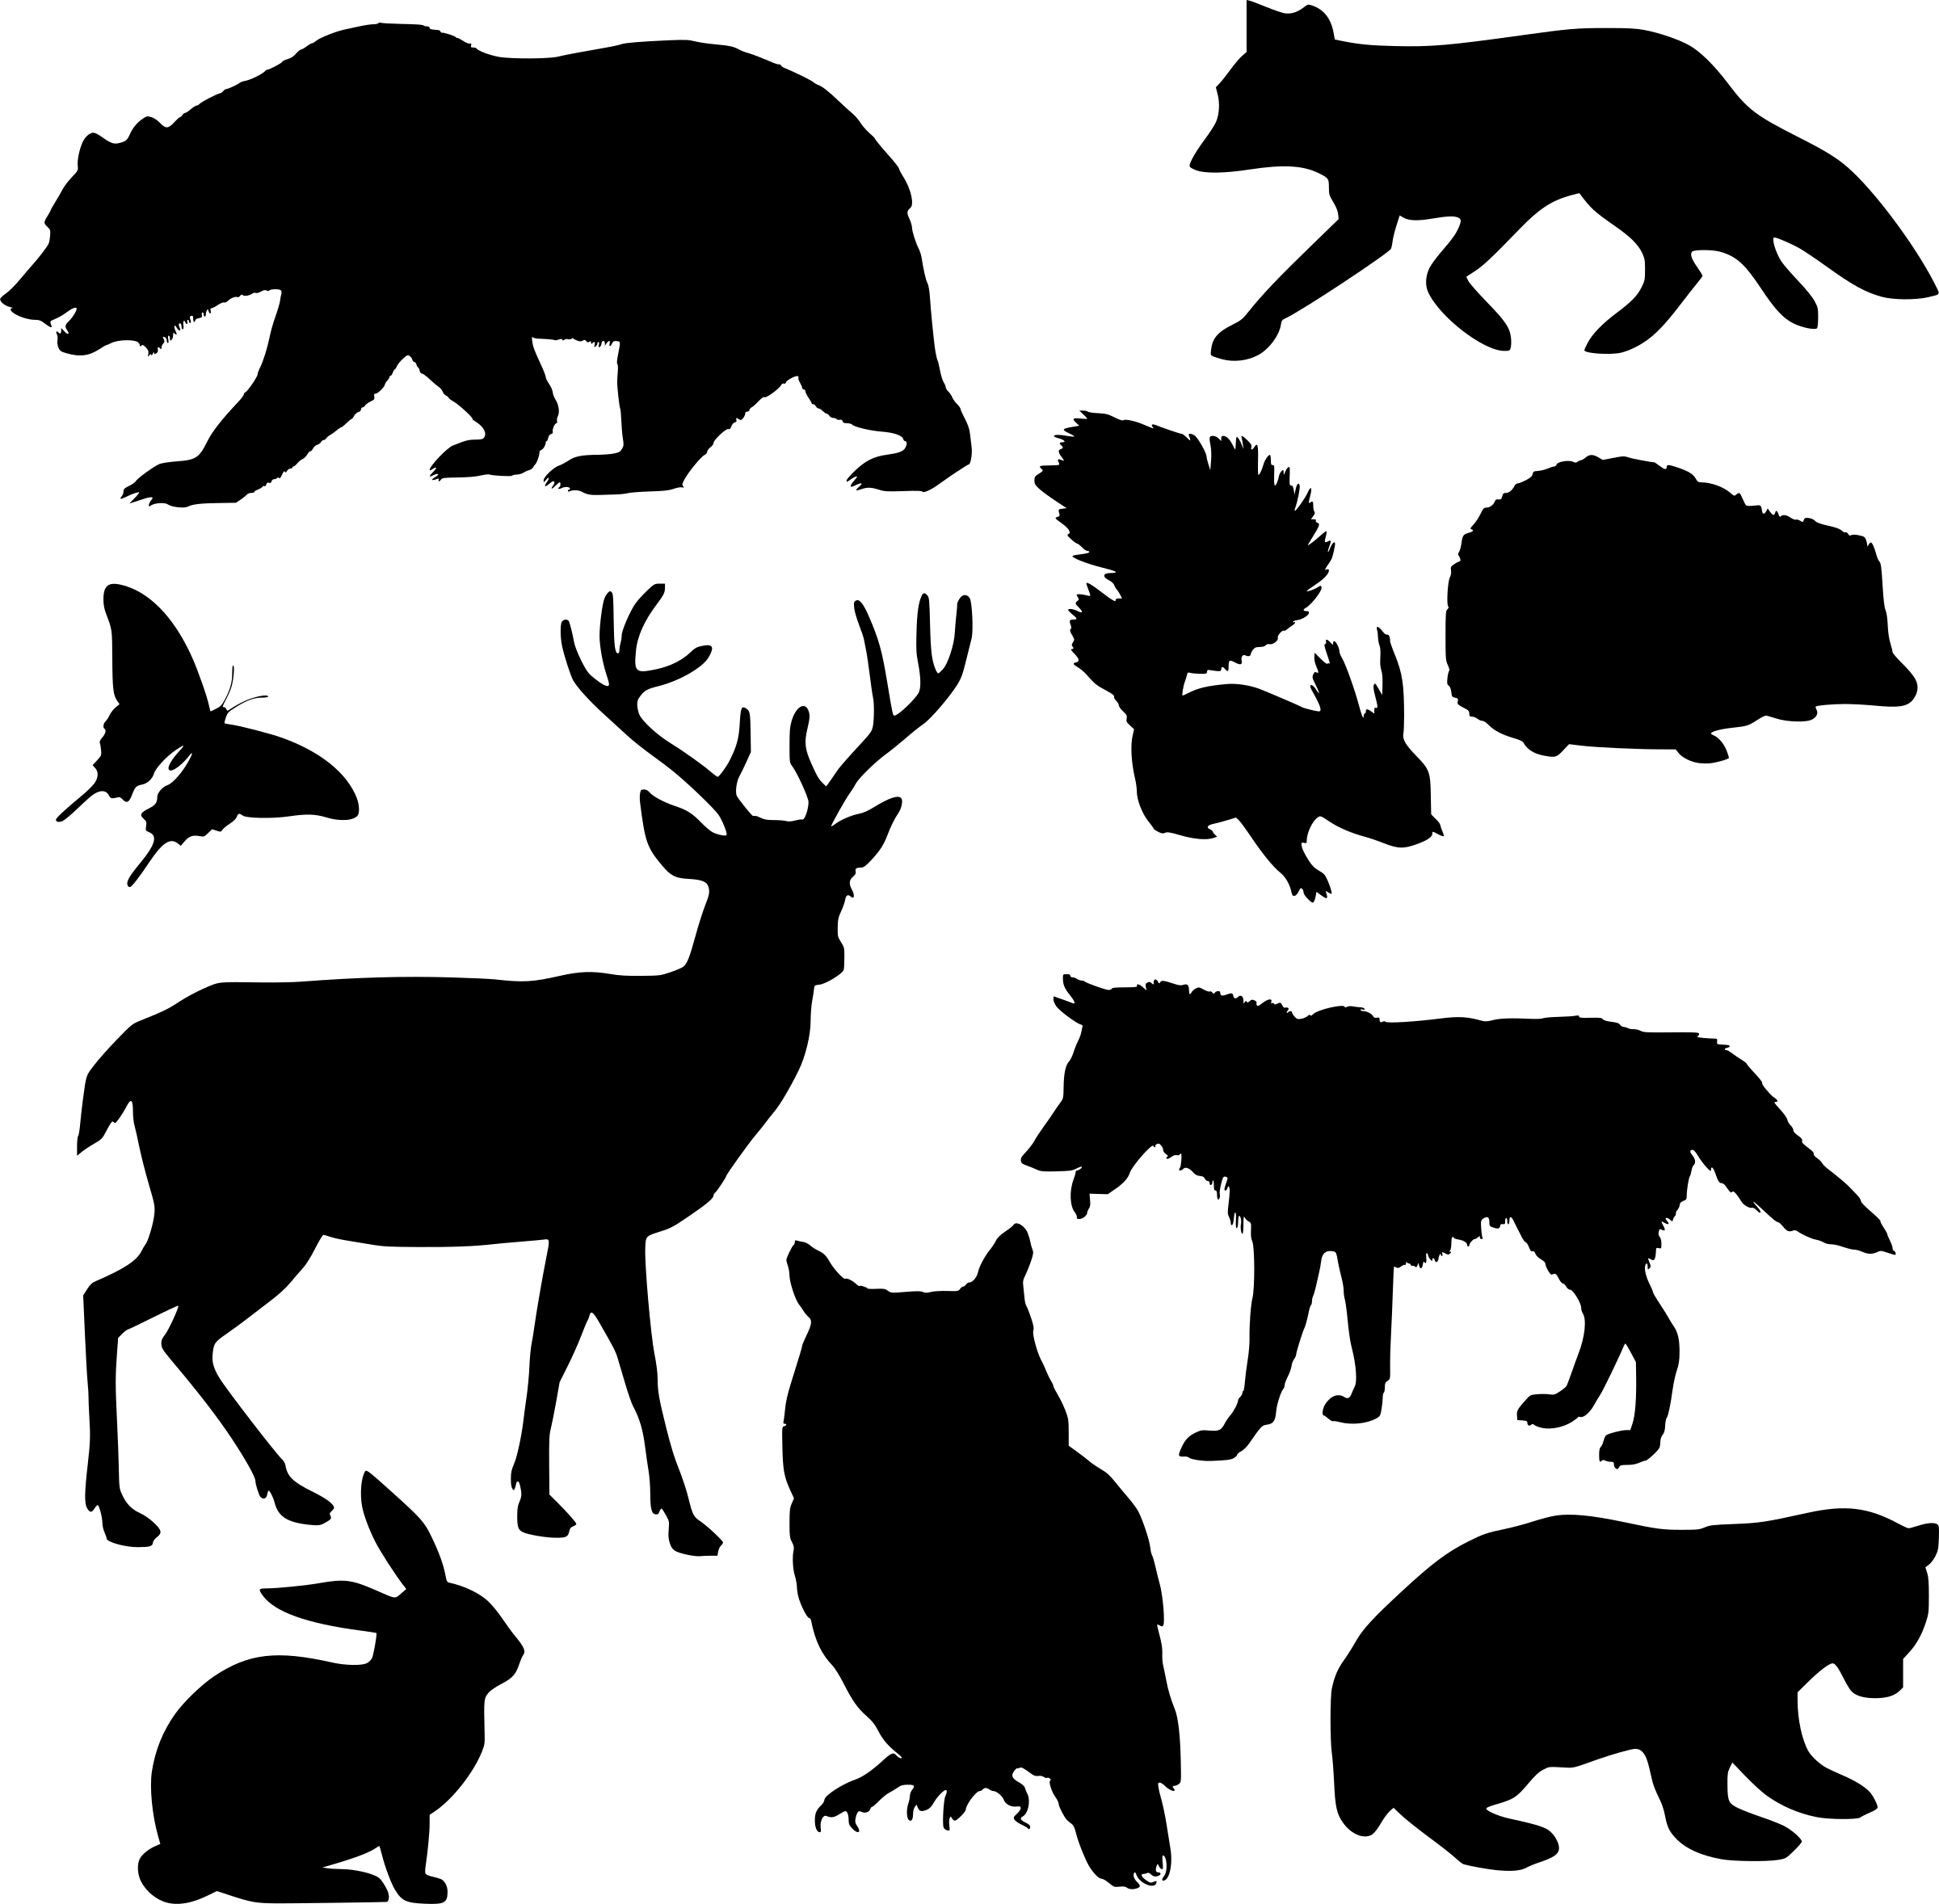 Vecteur Defini Des Silhouettes D Animaux 13